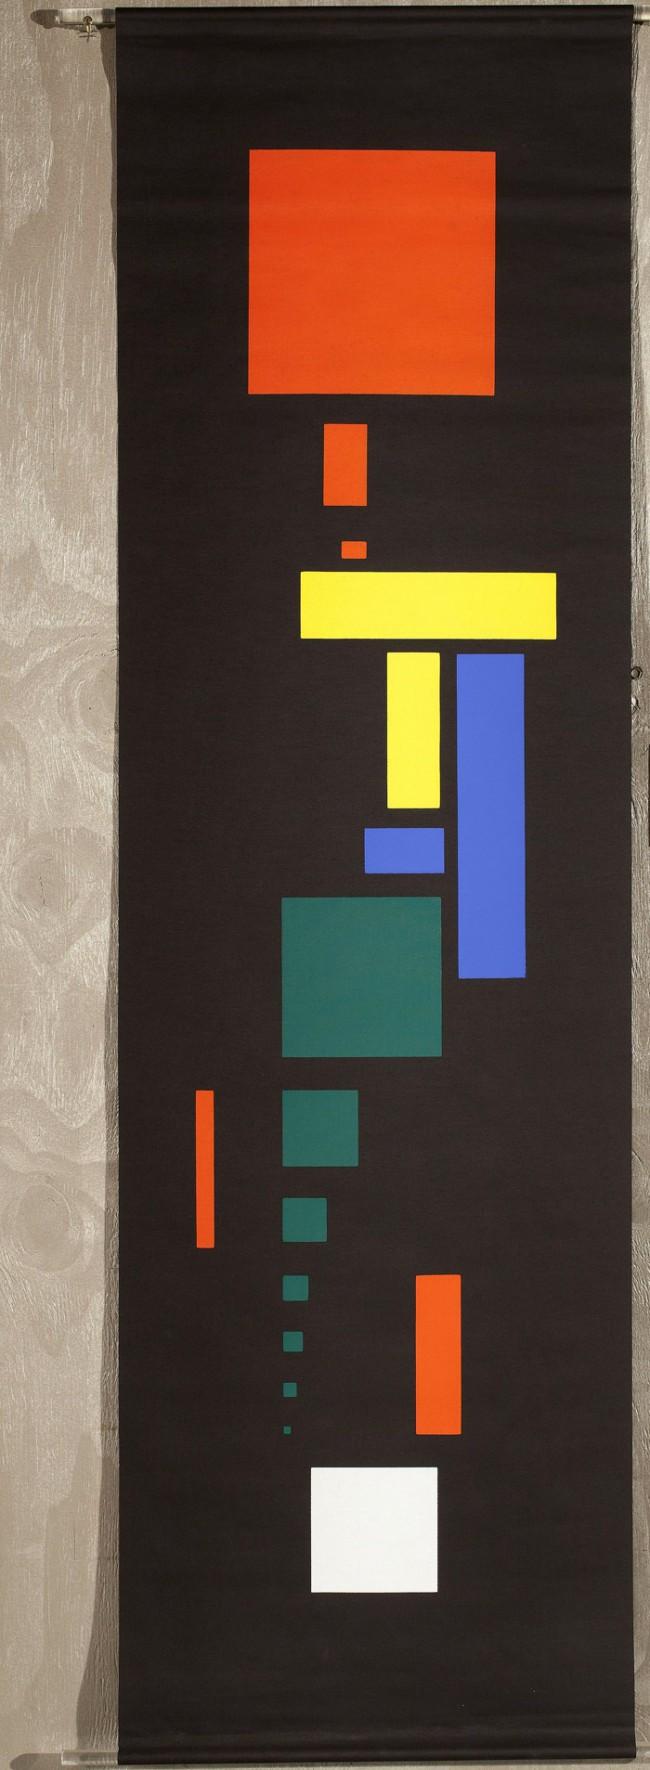 Hans Richter. 'Orchestration of Colors' 1923/1970